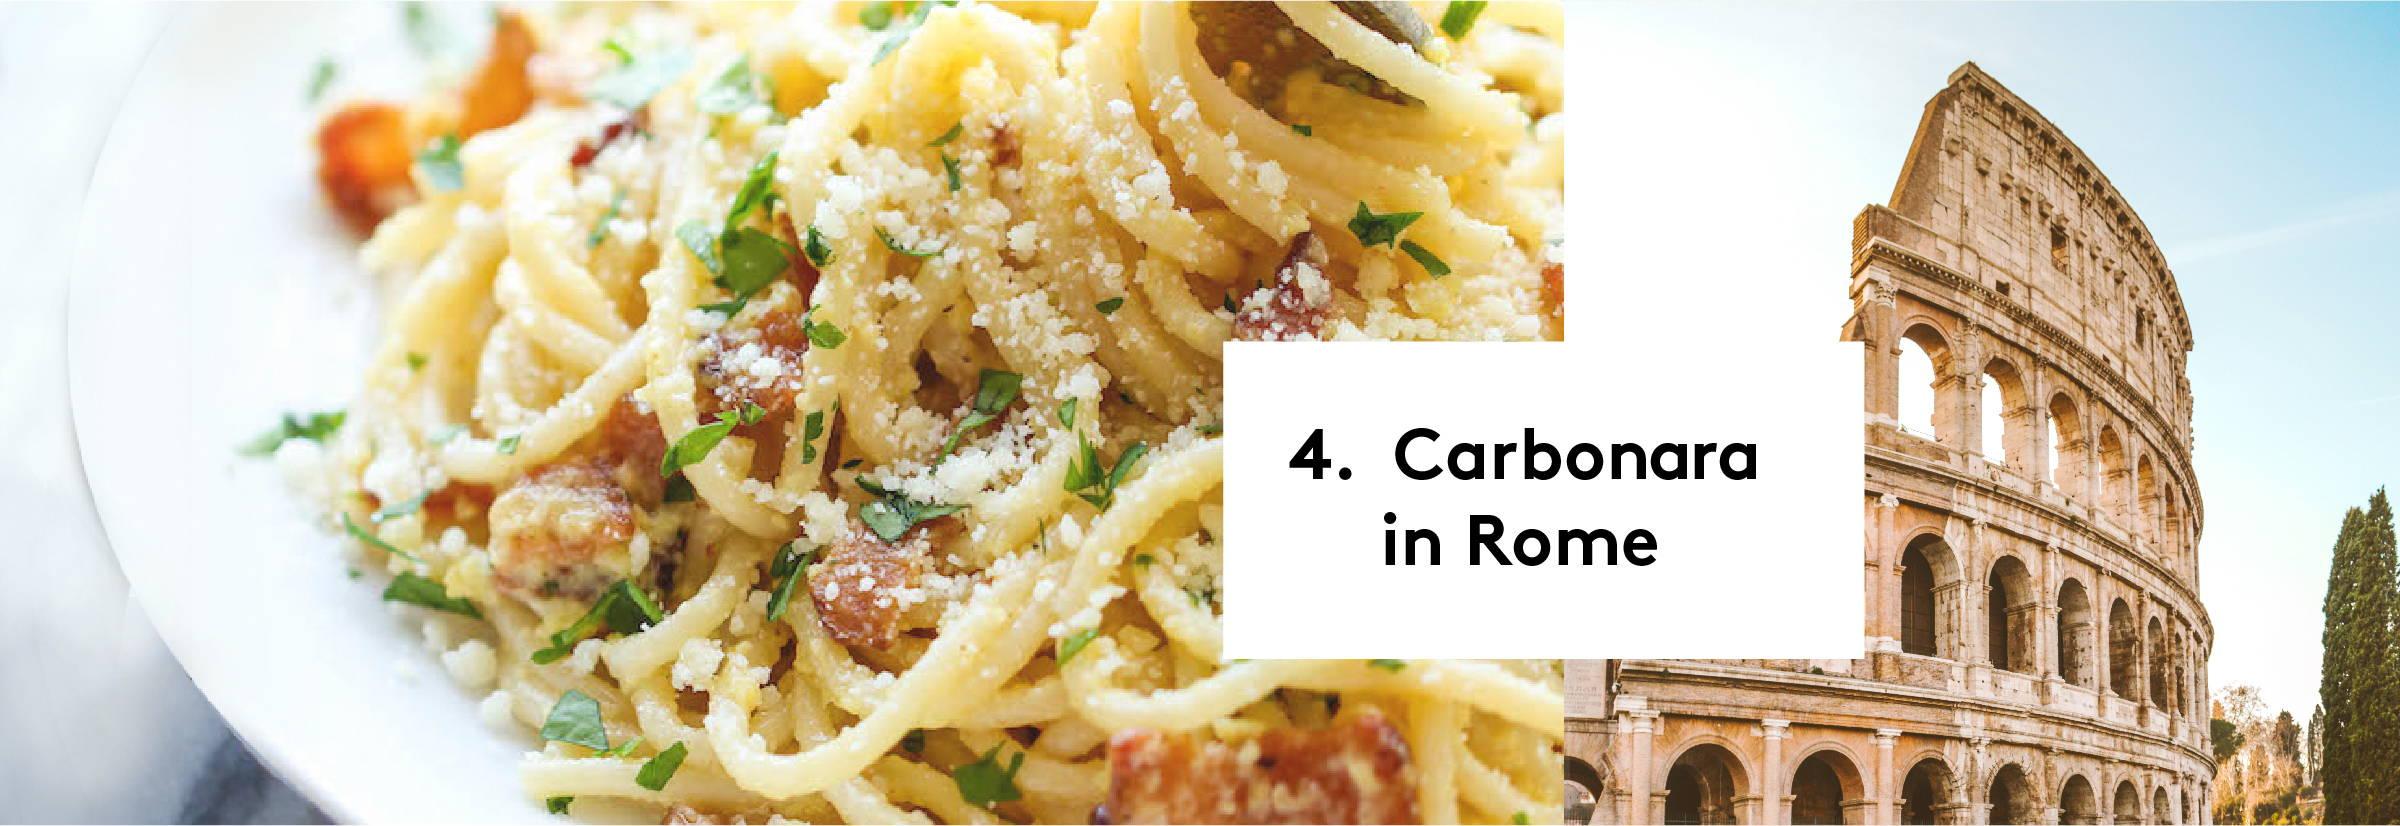 4. Carbonara in Rome